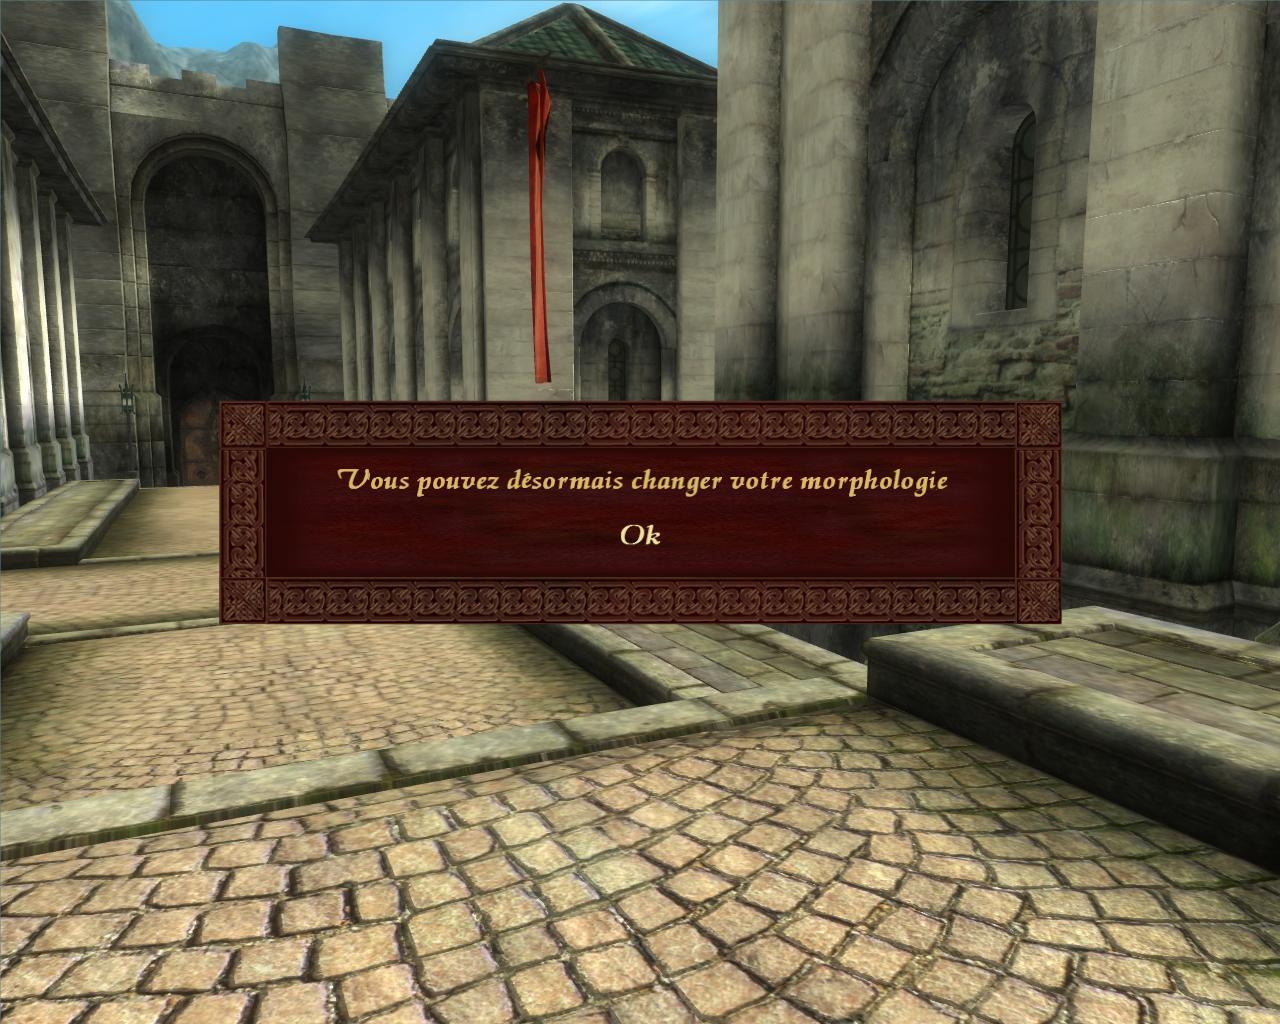 http://oblimods.wiwiland.net/IMG/jpg/Anneau2.jpg